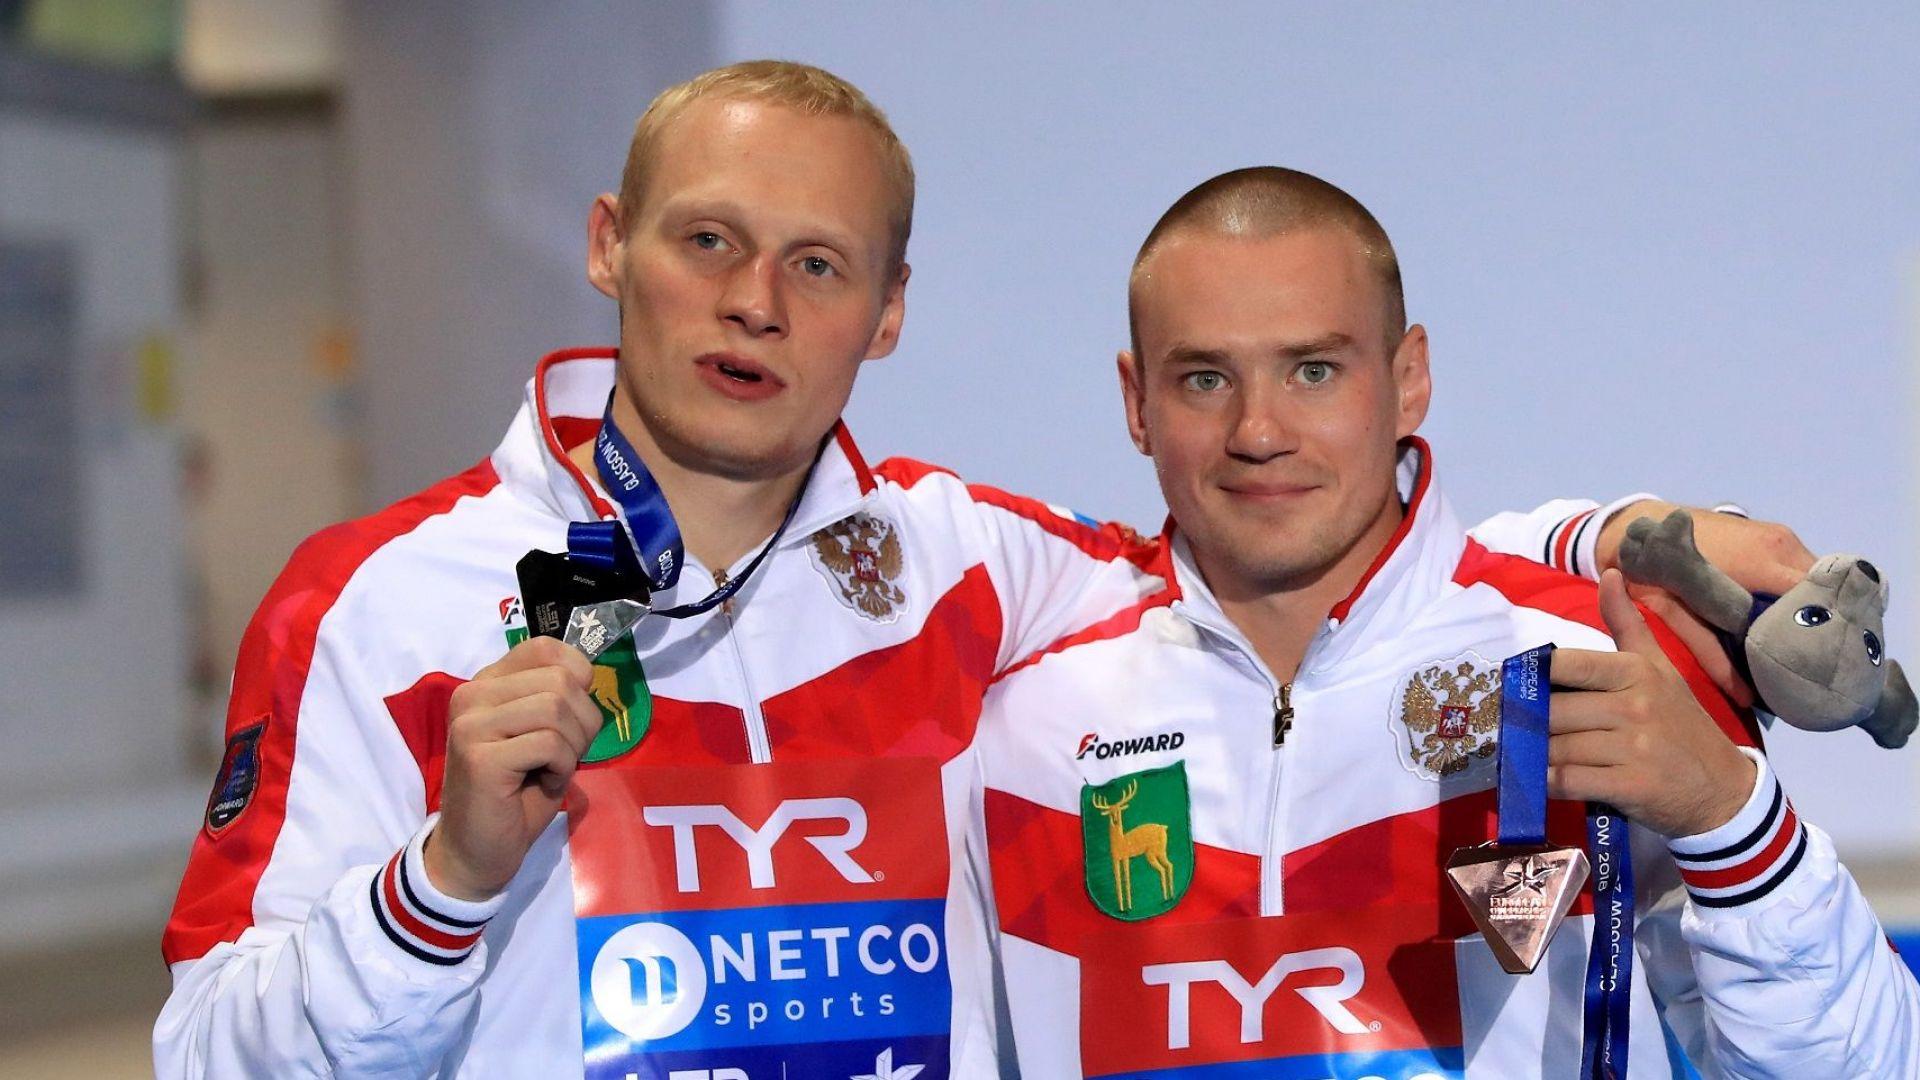 28-годишен олимпийски шампион от Русия прекратява кариерата си след наказание